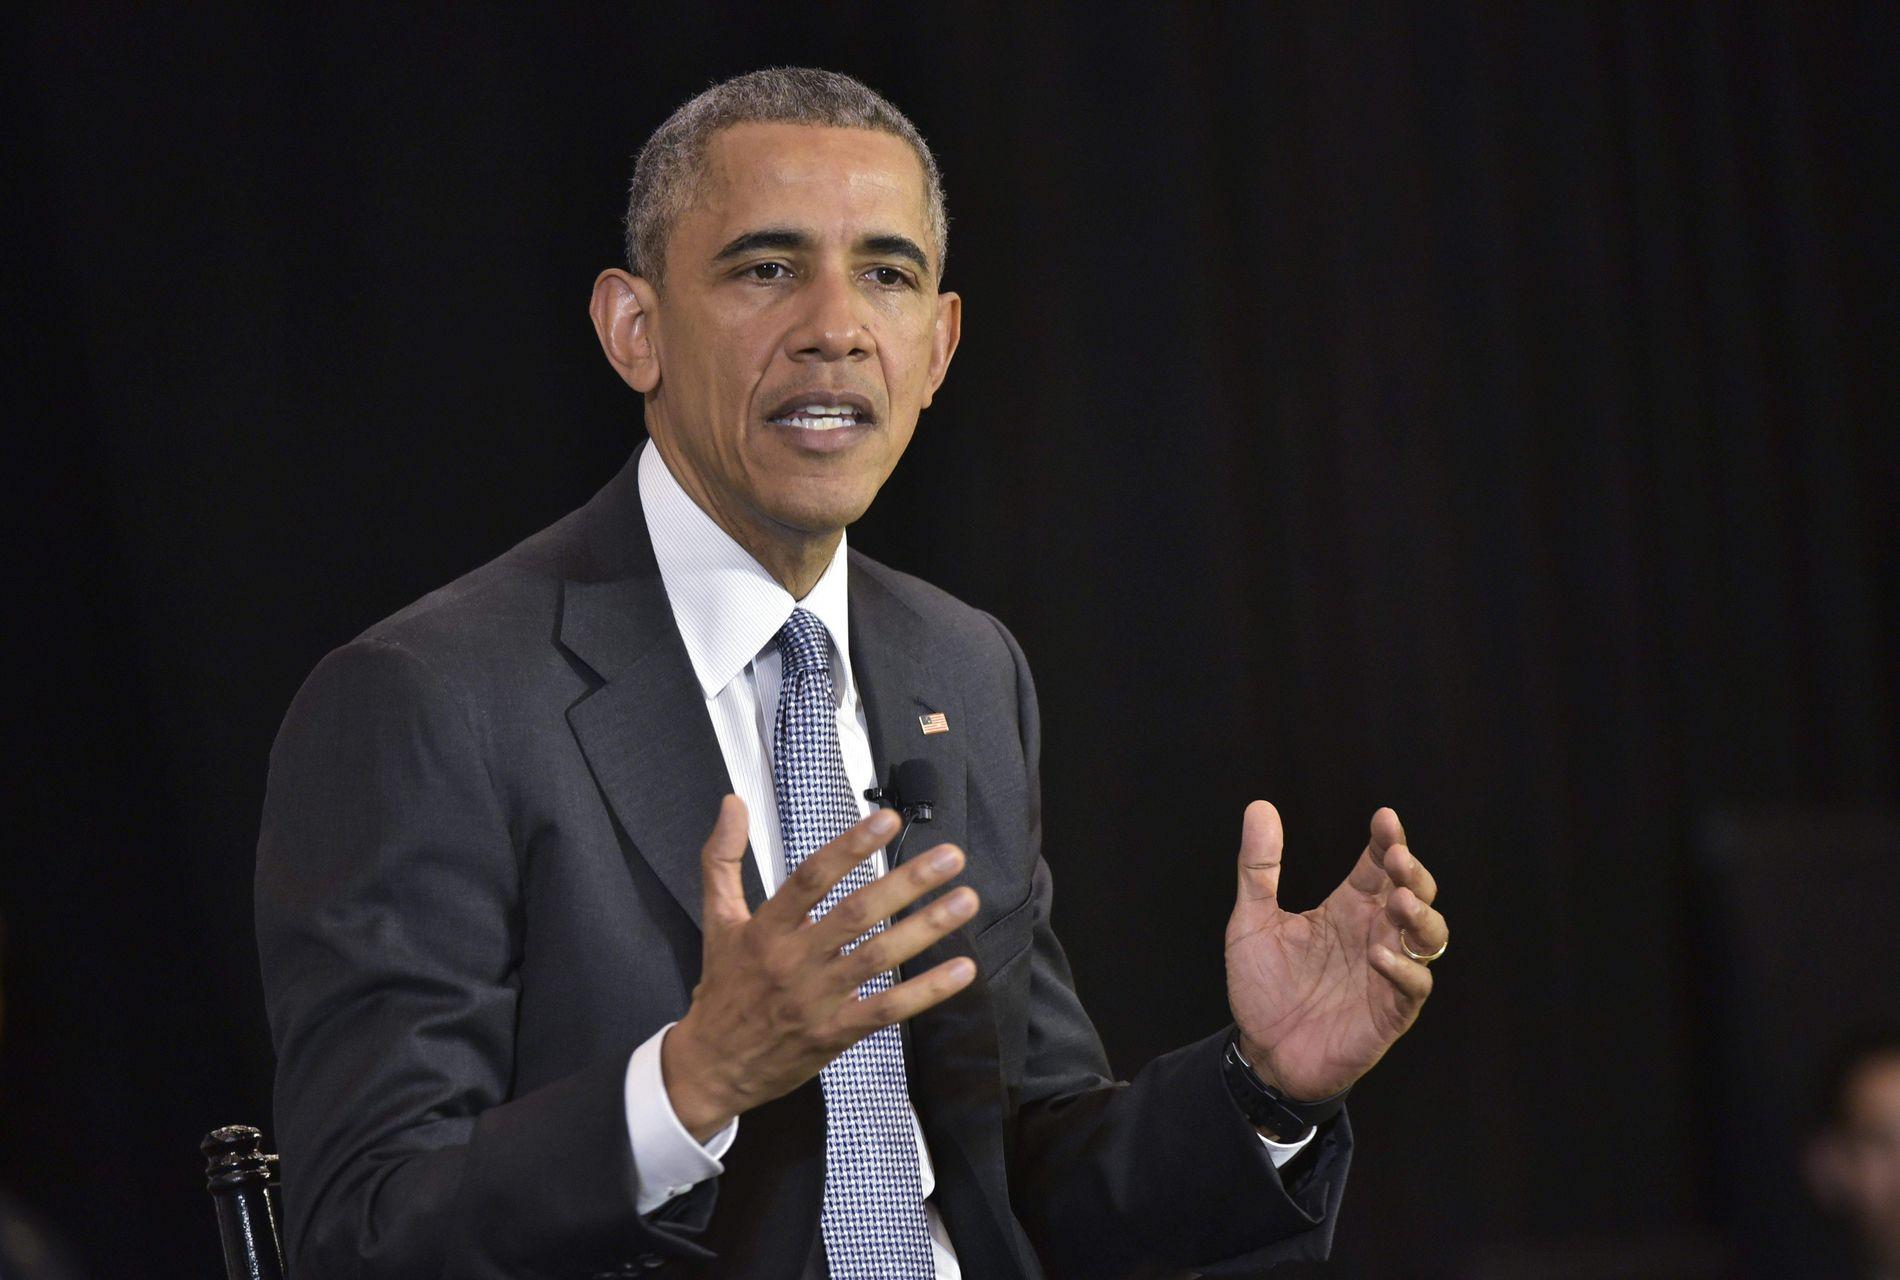 INNRØMMER FEIL: Barack Obama sier han største feiltakelse var ikke å planlegge dagene etter Gaddafis fall i Libya i 2011.